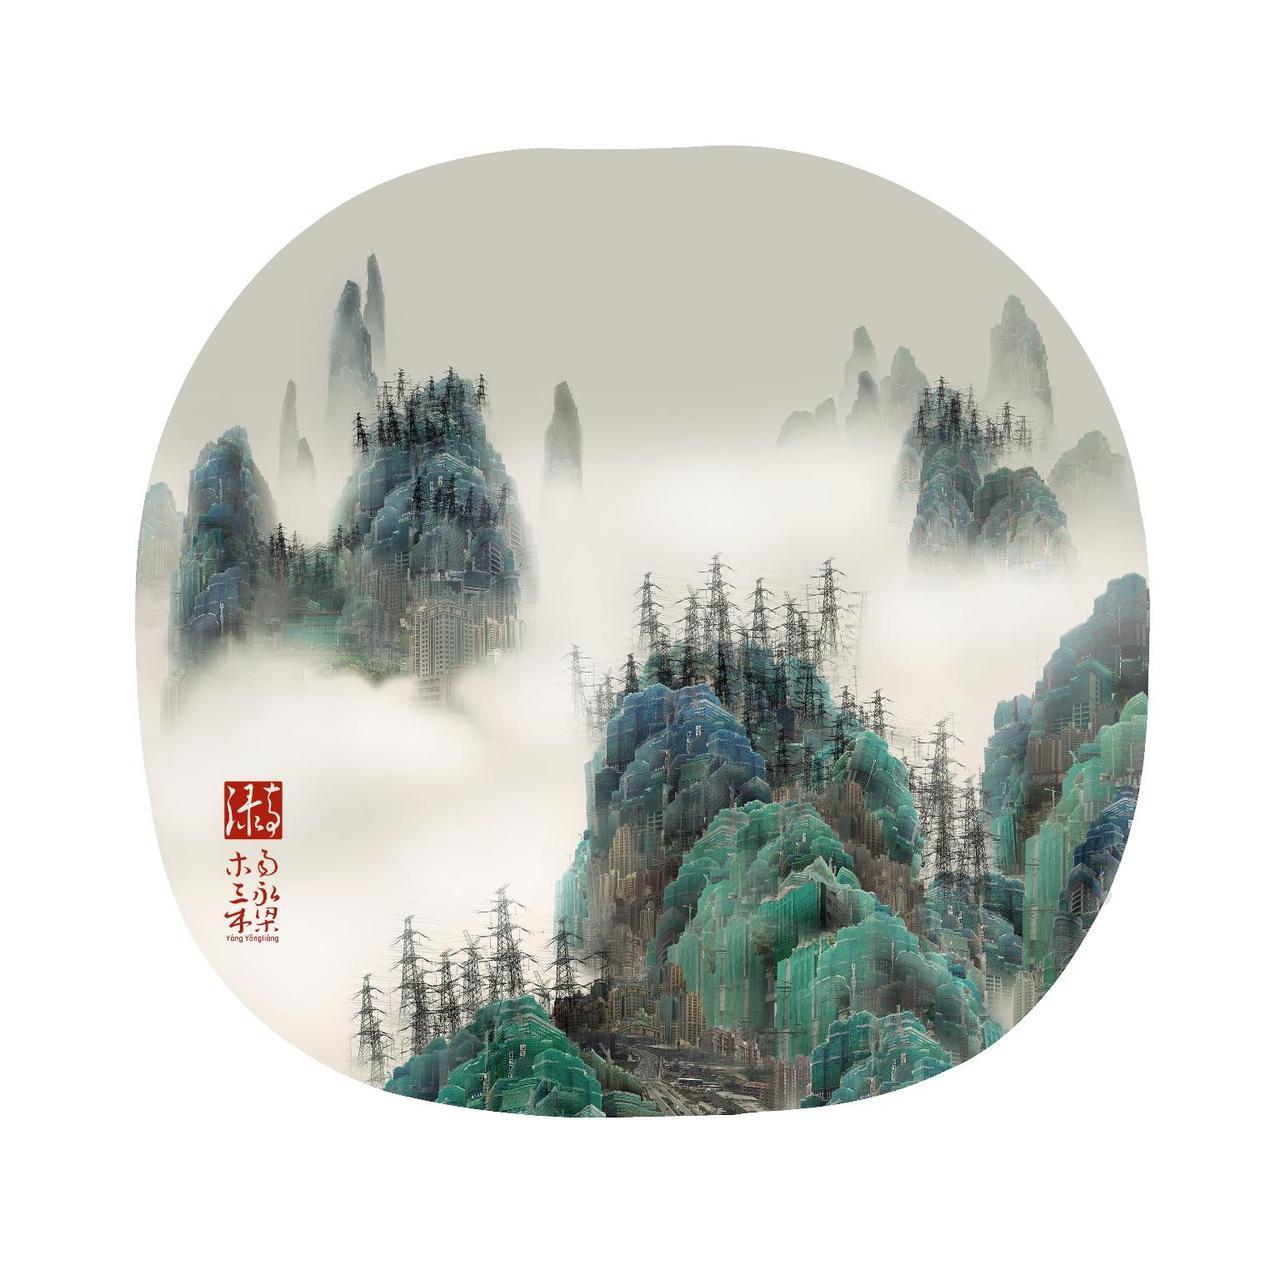 yang-yongliang-viridescence-pages-1-44-x-44-cm-2009